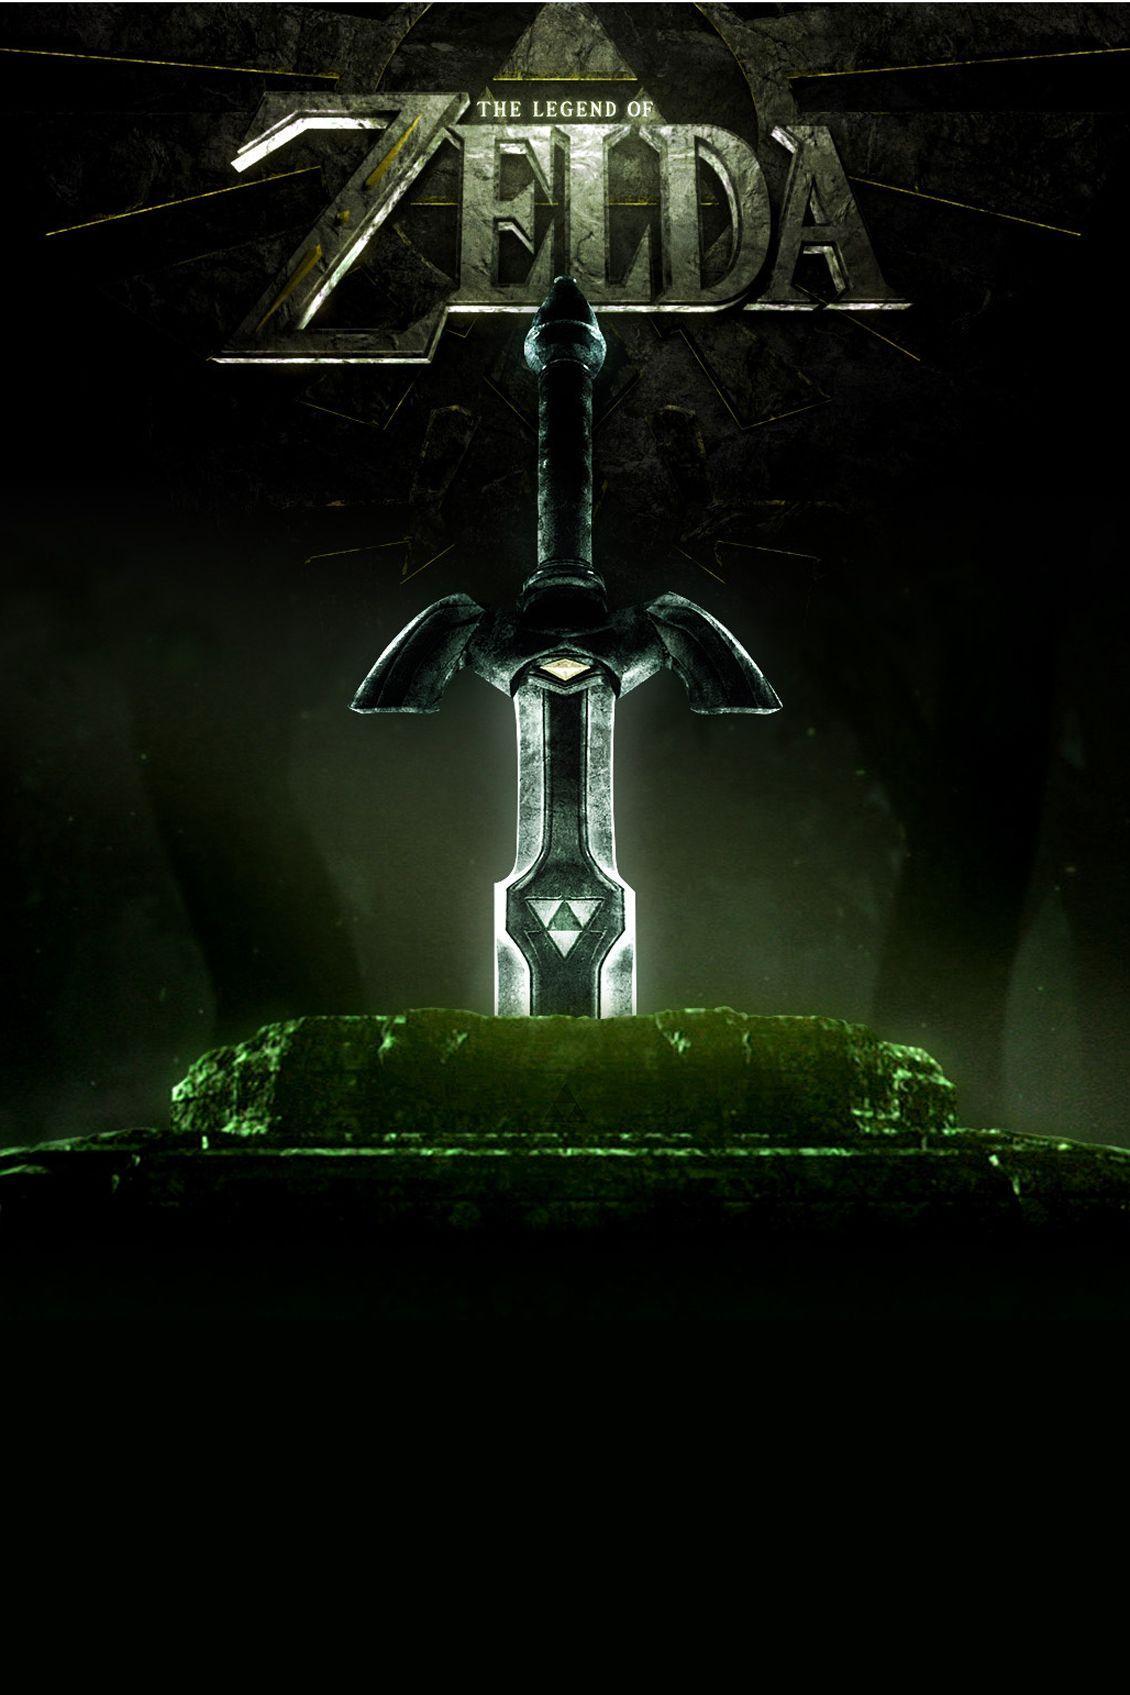 Best Ever The Legend Of Zelda Wallpaper 4k Android - best ...